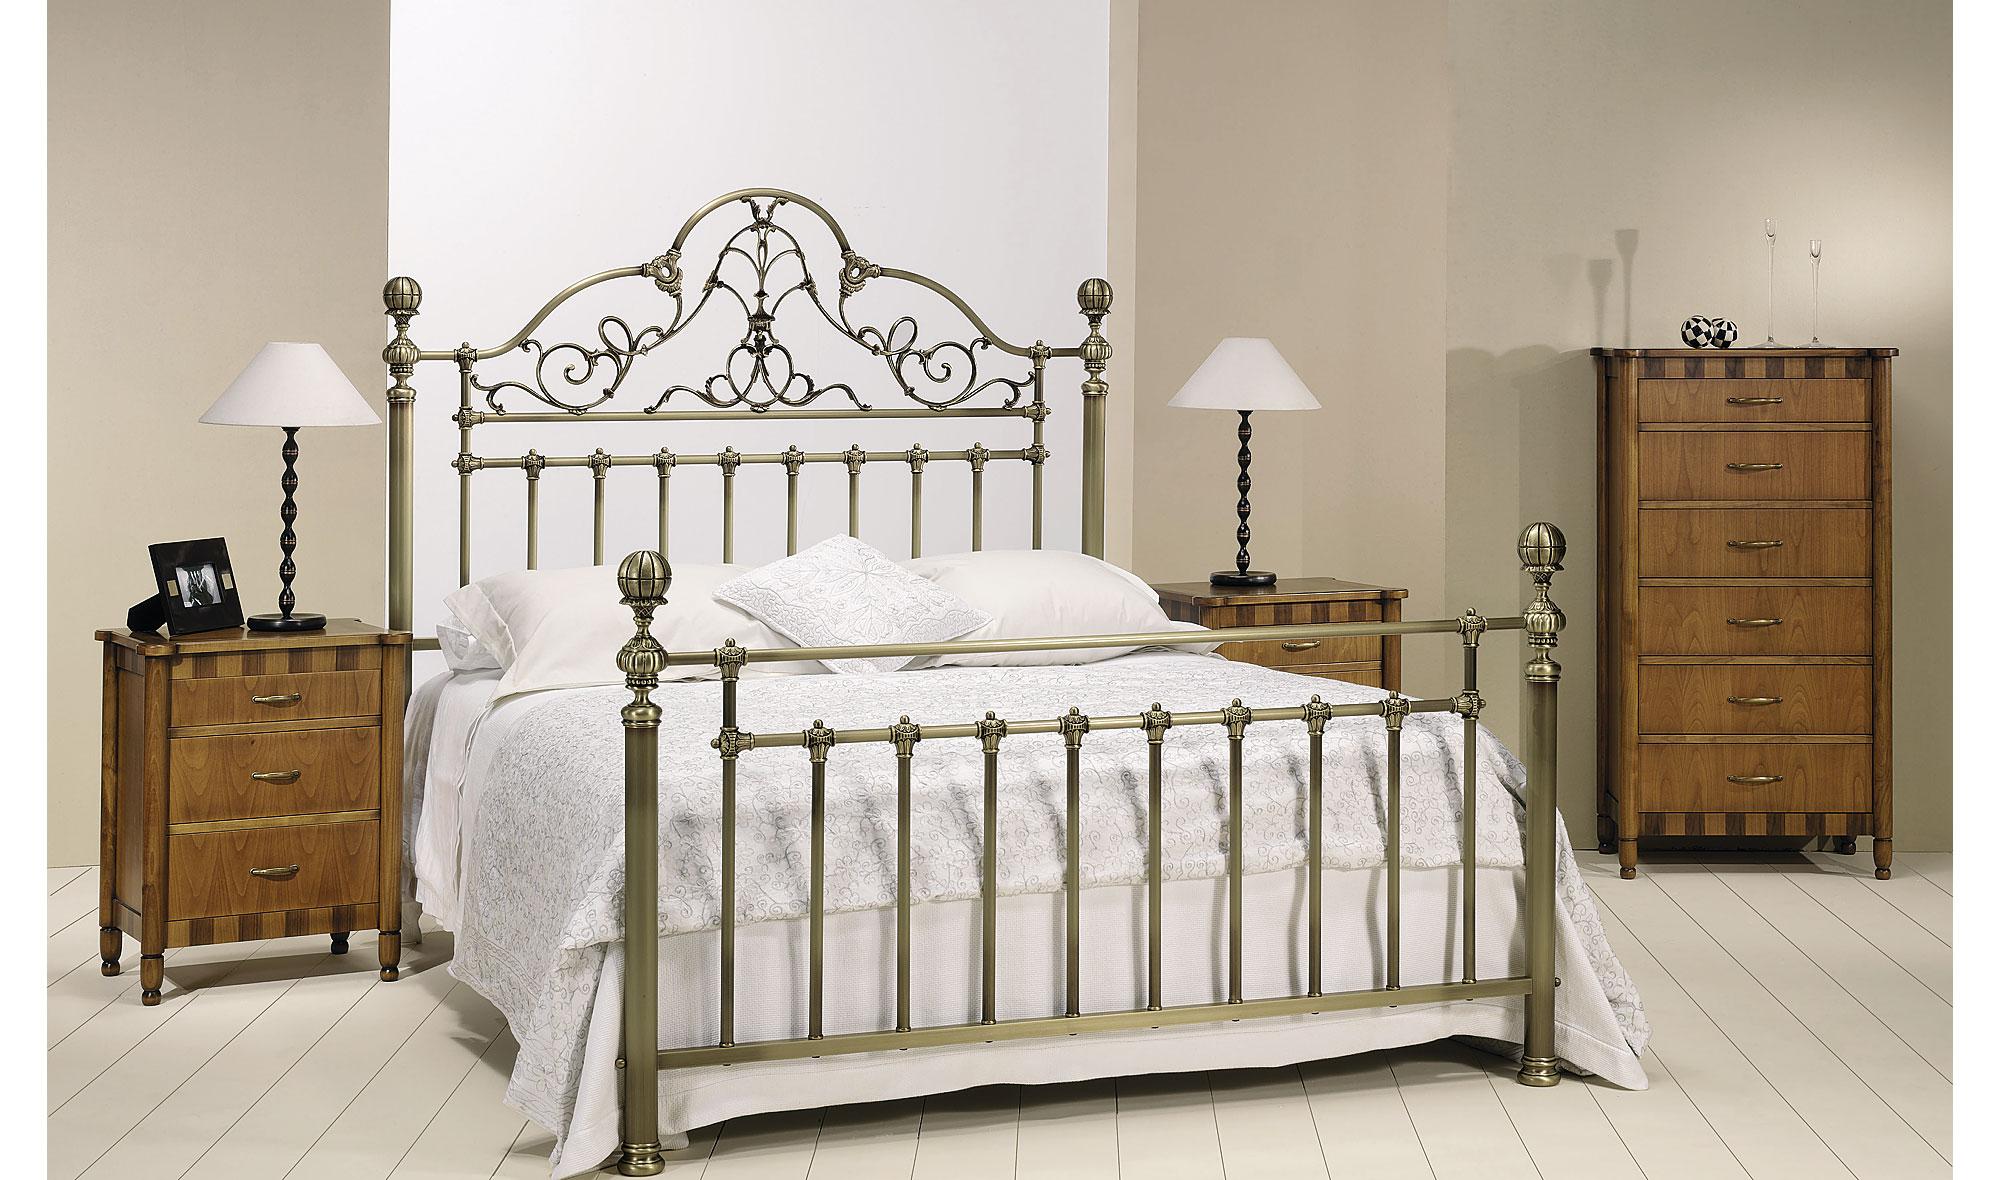 Dormitorio forja cristina en for Segunda mano muebles de dormitorio